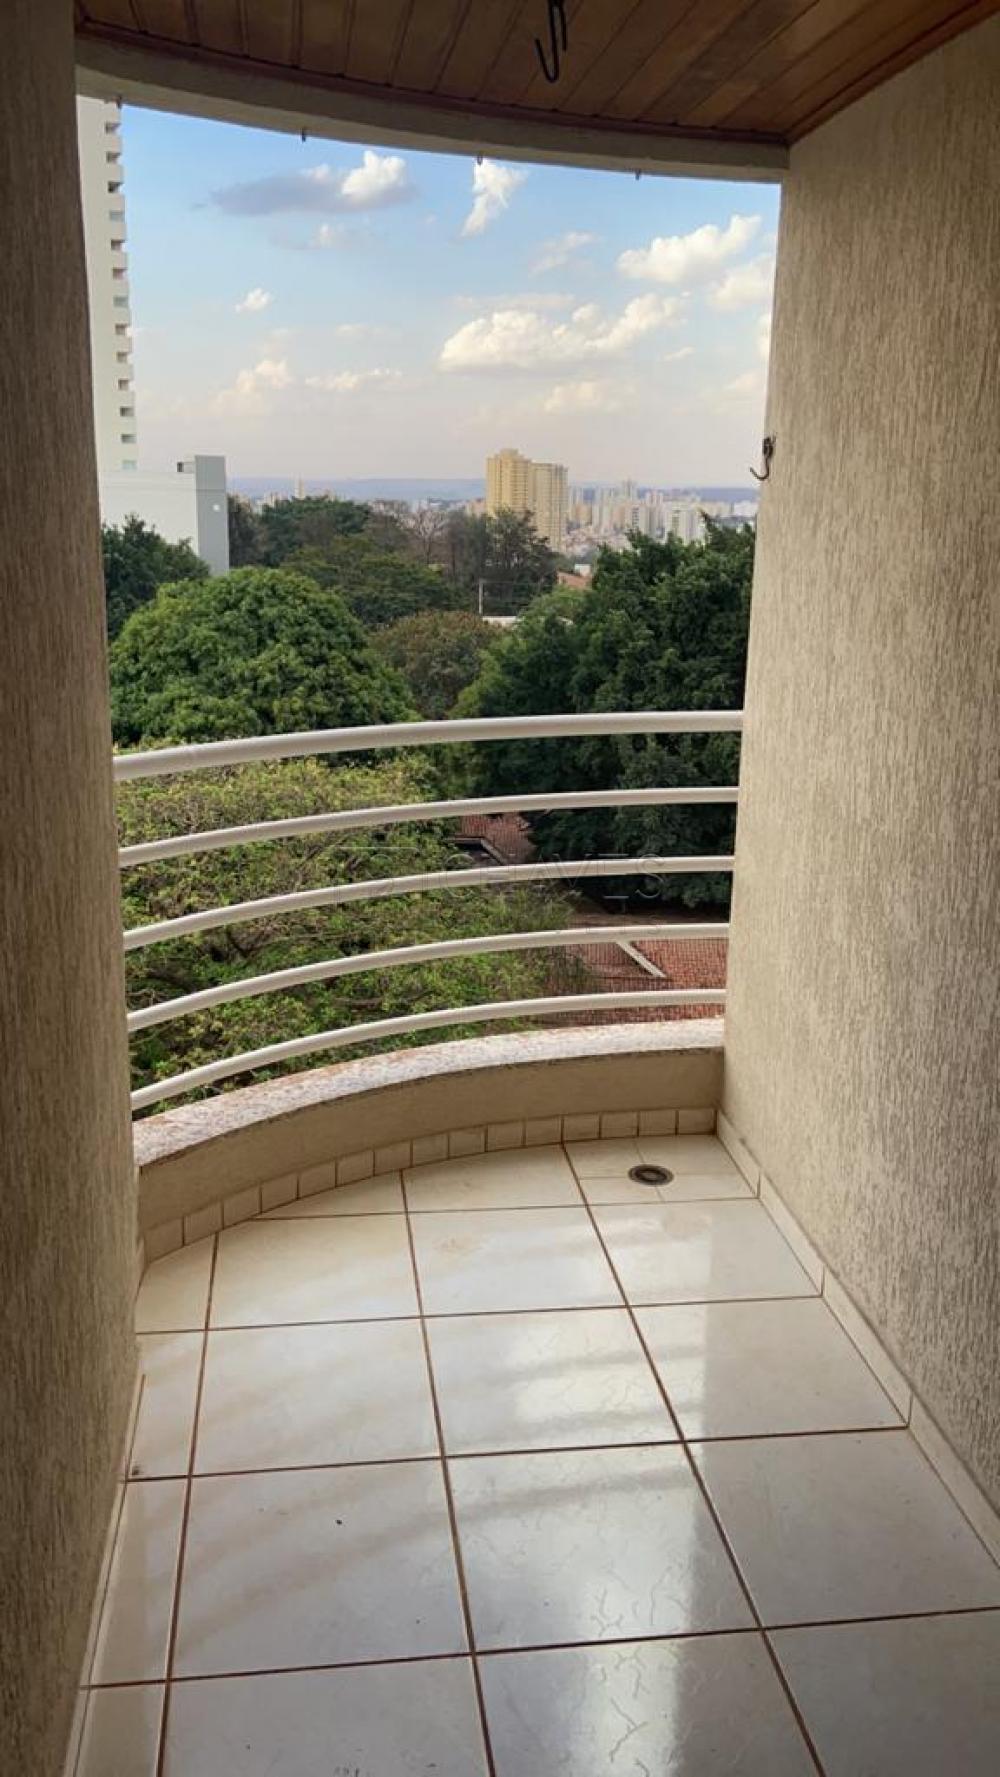 Comprar Apartamento / Padrão em Ribeirão Preto apenas R$ 340.000,00 - Foto 2